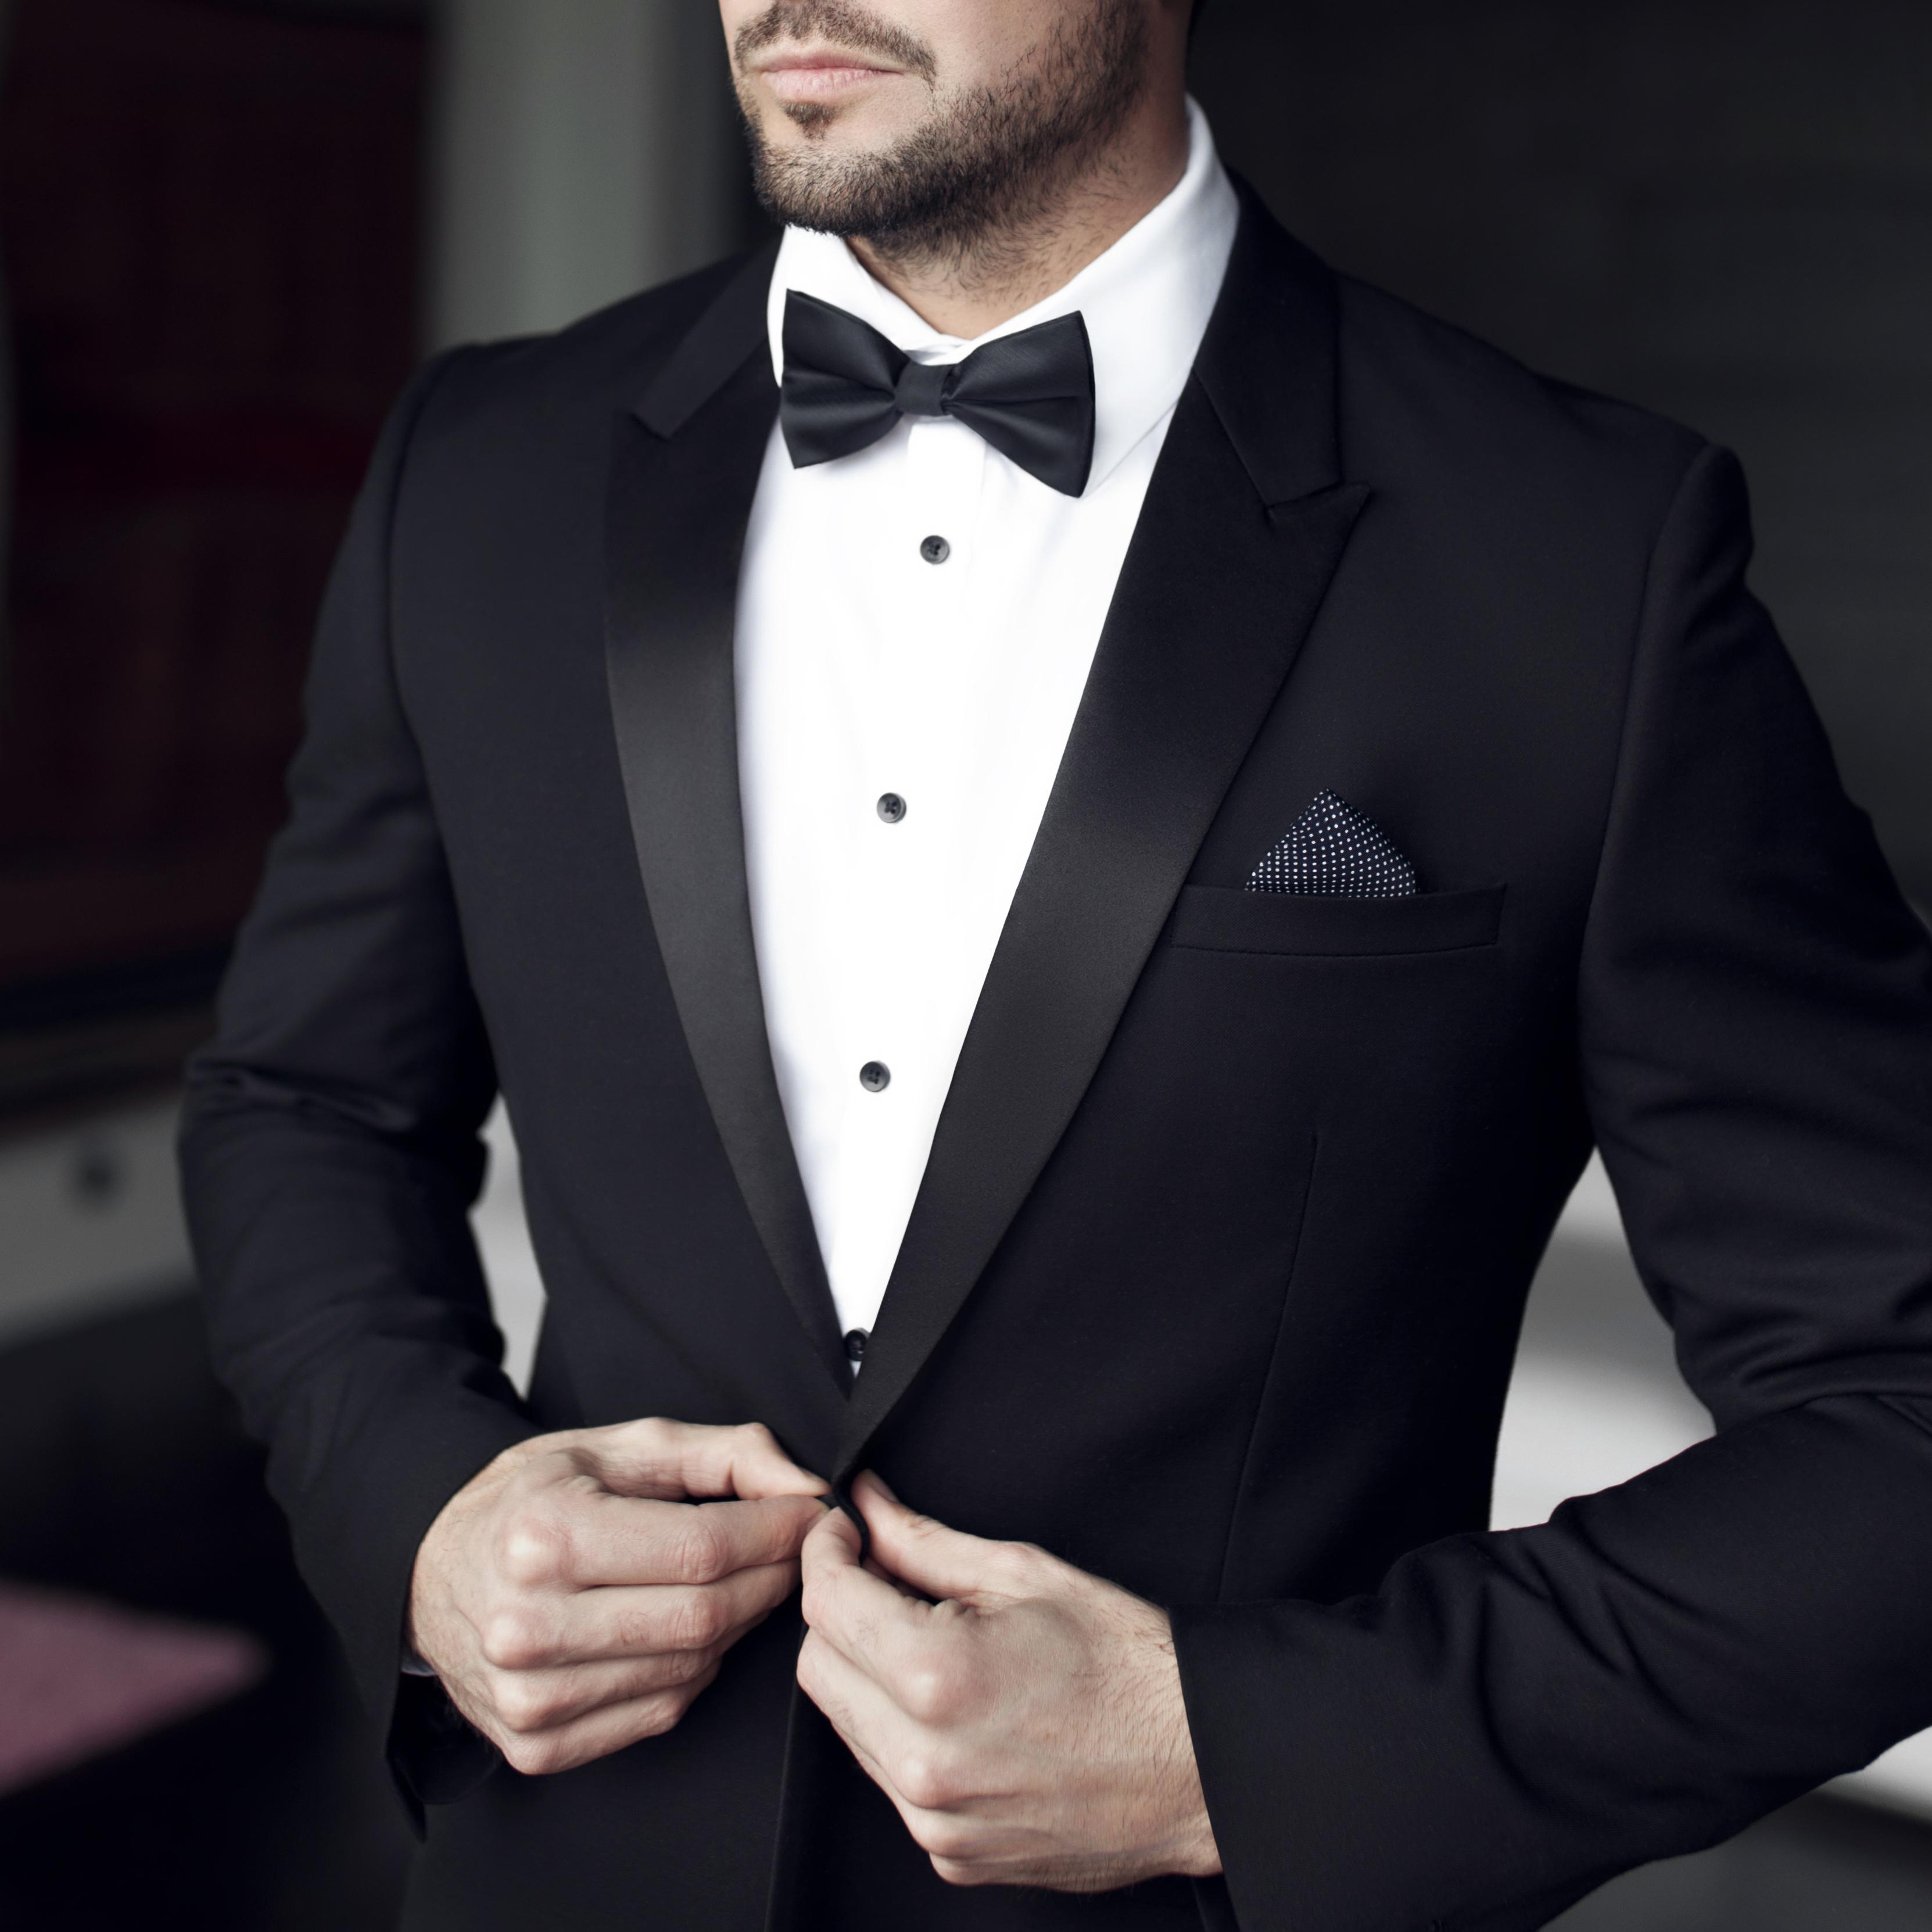 8887db2855528 冠婚葬祭などの礼服着用時のネクタイマナー完全ガイド